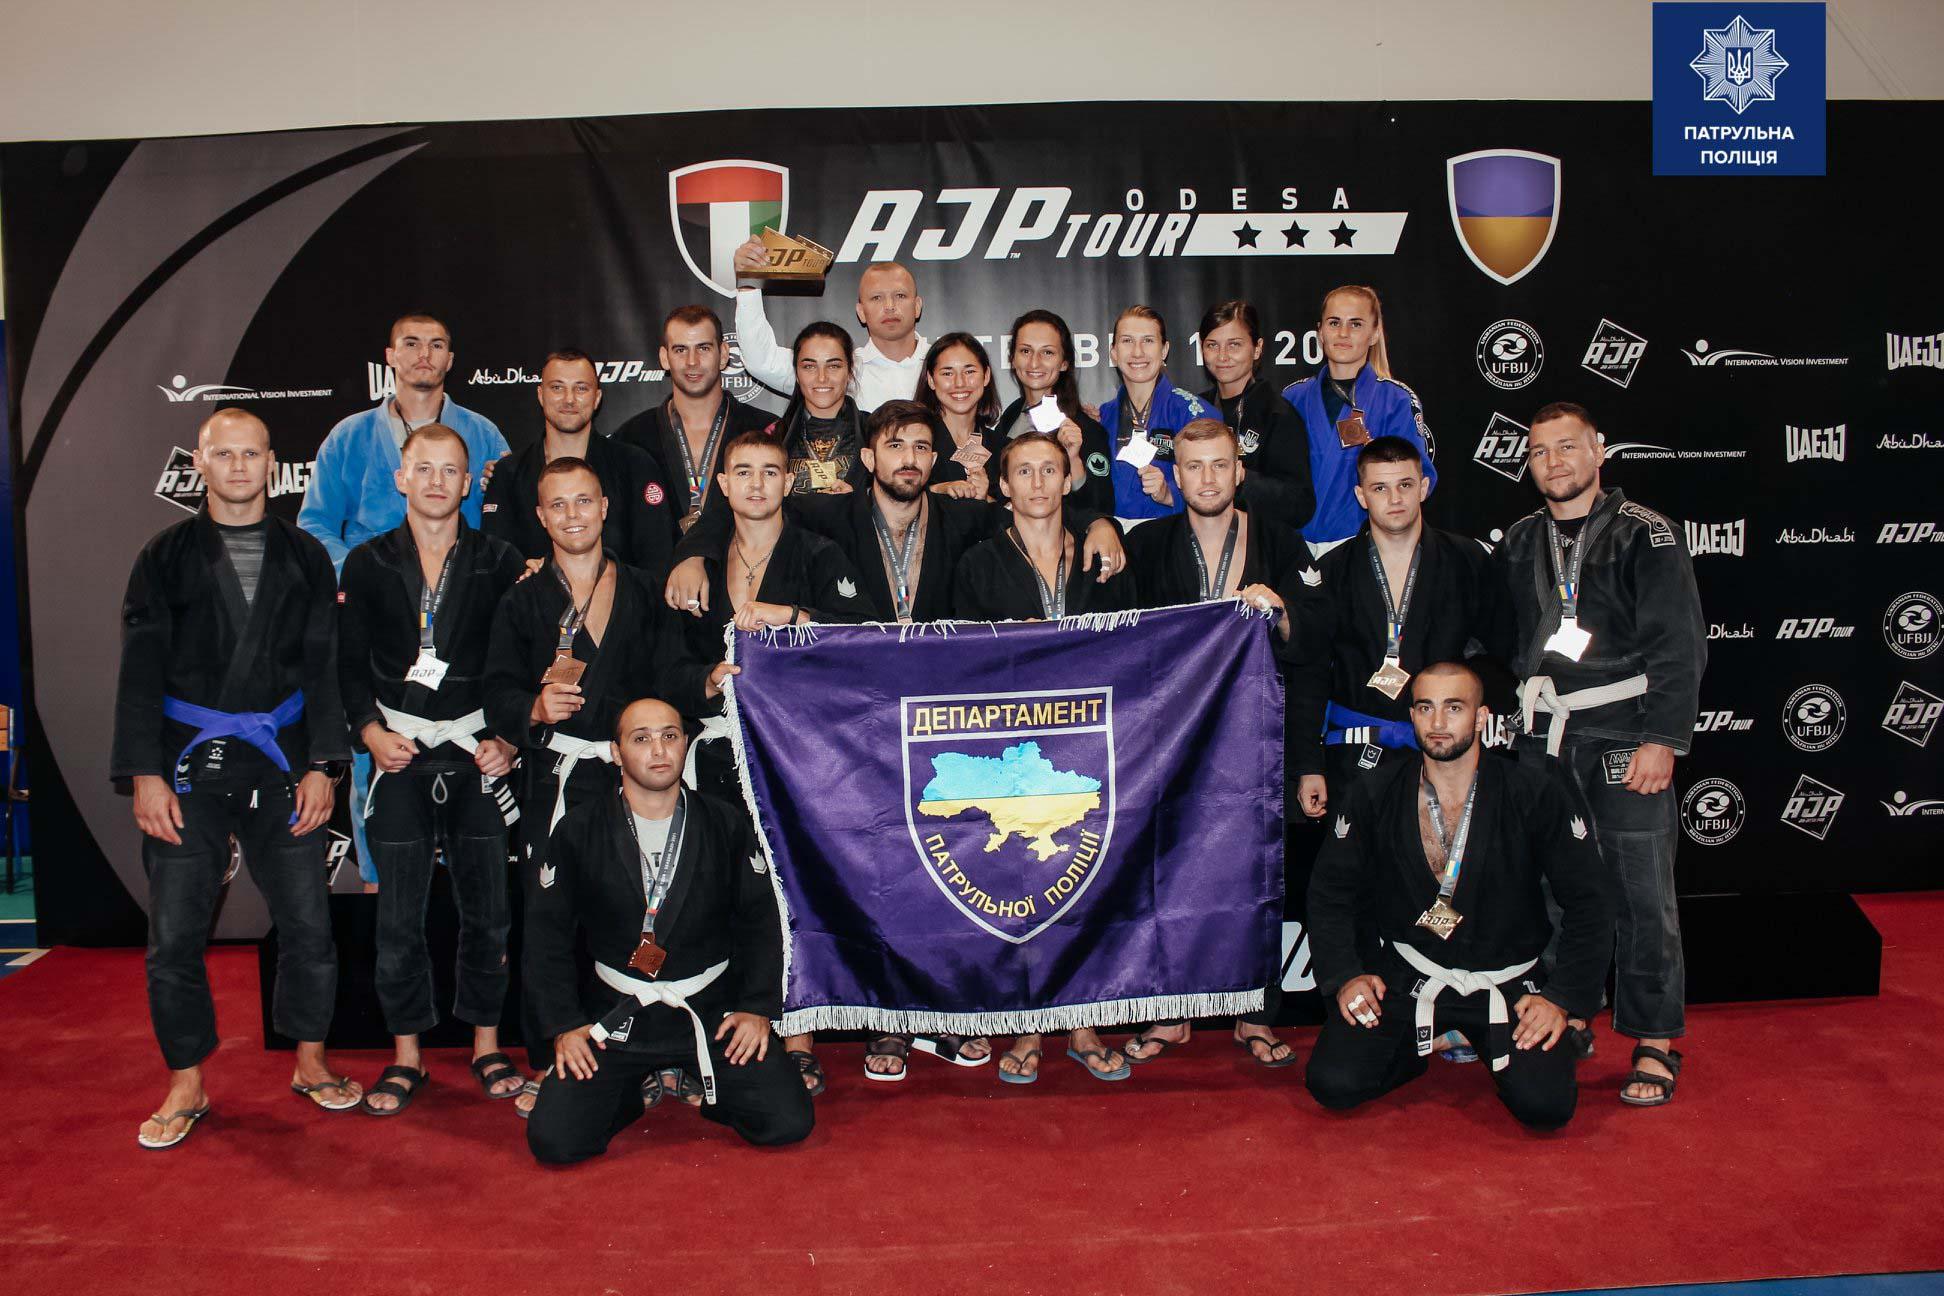 Поліцейські з Франківська взяли золото та бронзу в міжнародних змаганнях з джиу-джитсу (ФОТО)